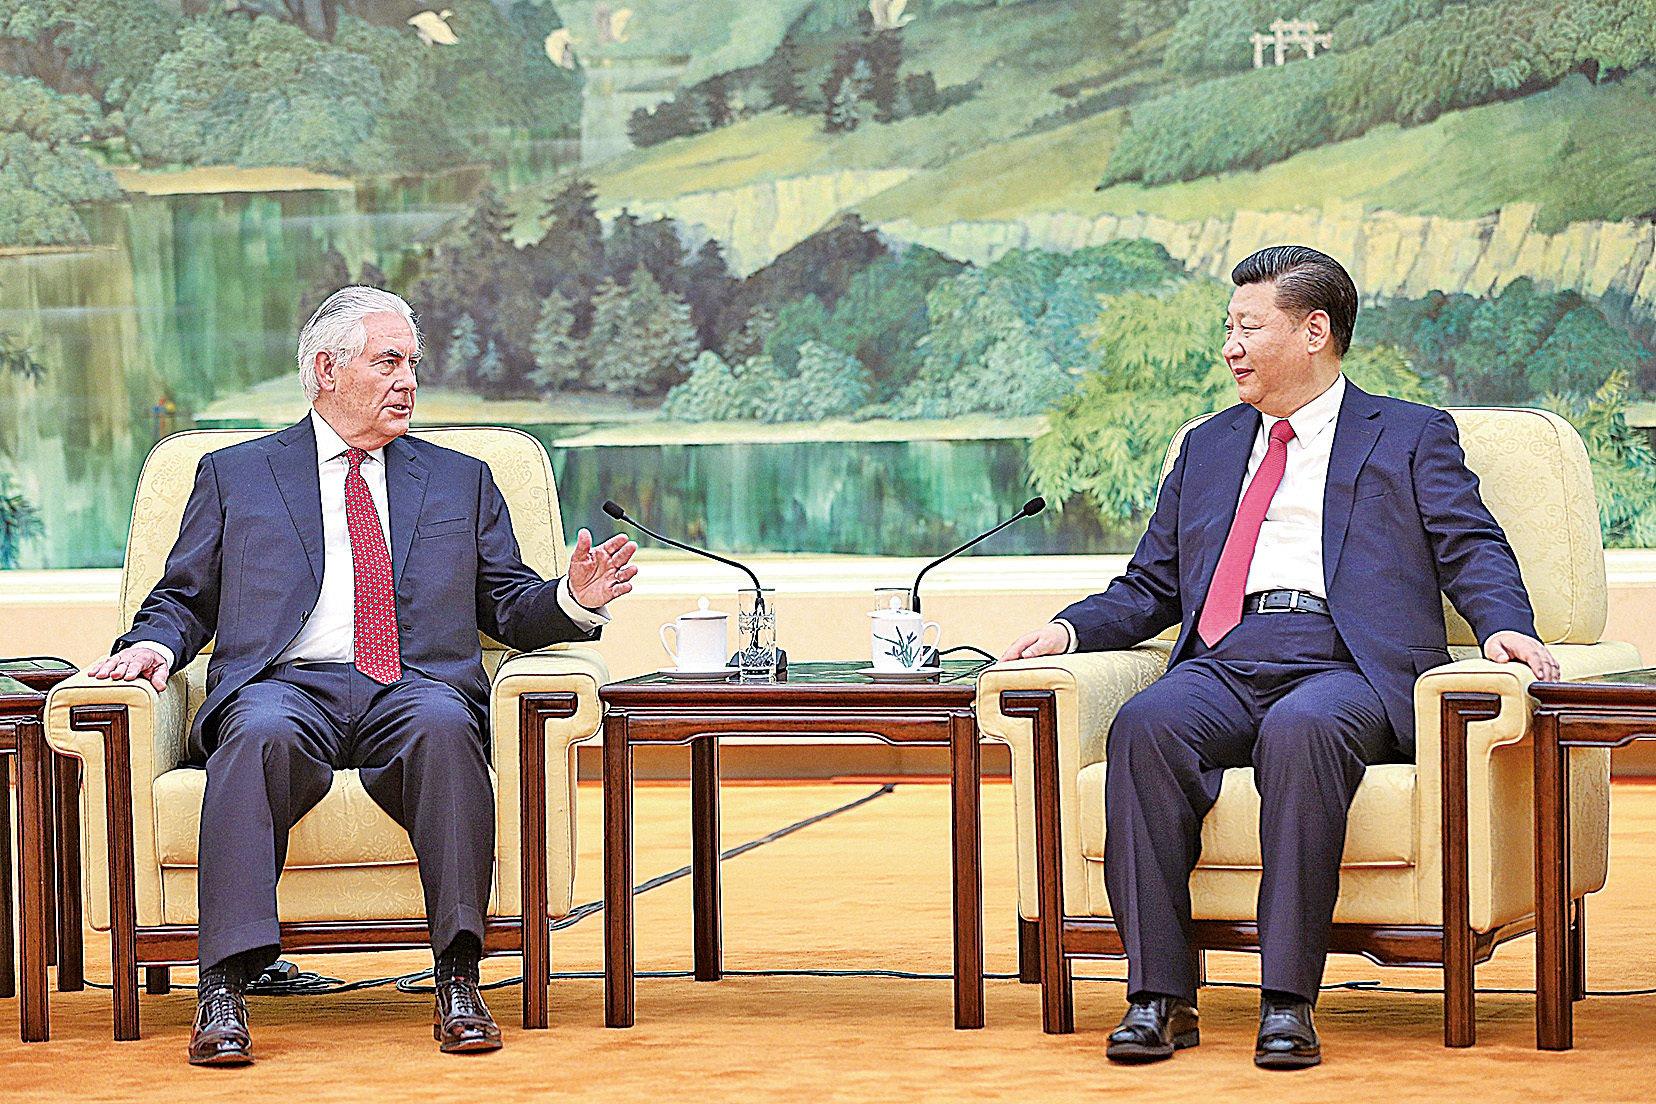 正在出訪北京的美國國務卿蒂勒森(Rex Tillerson),北京時間3月19日上午11時與中國國家主席習近平會面。(AFP)